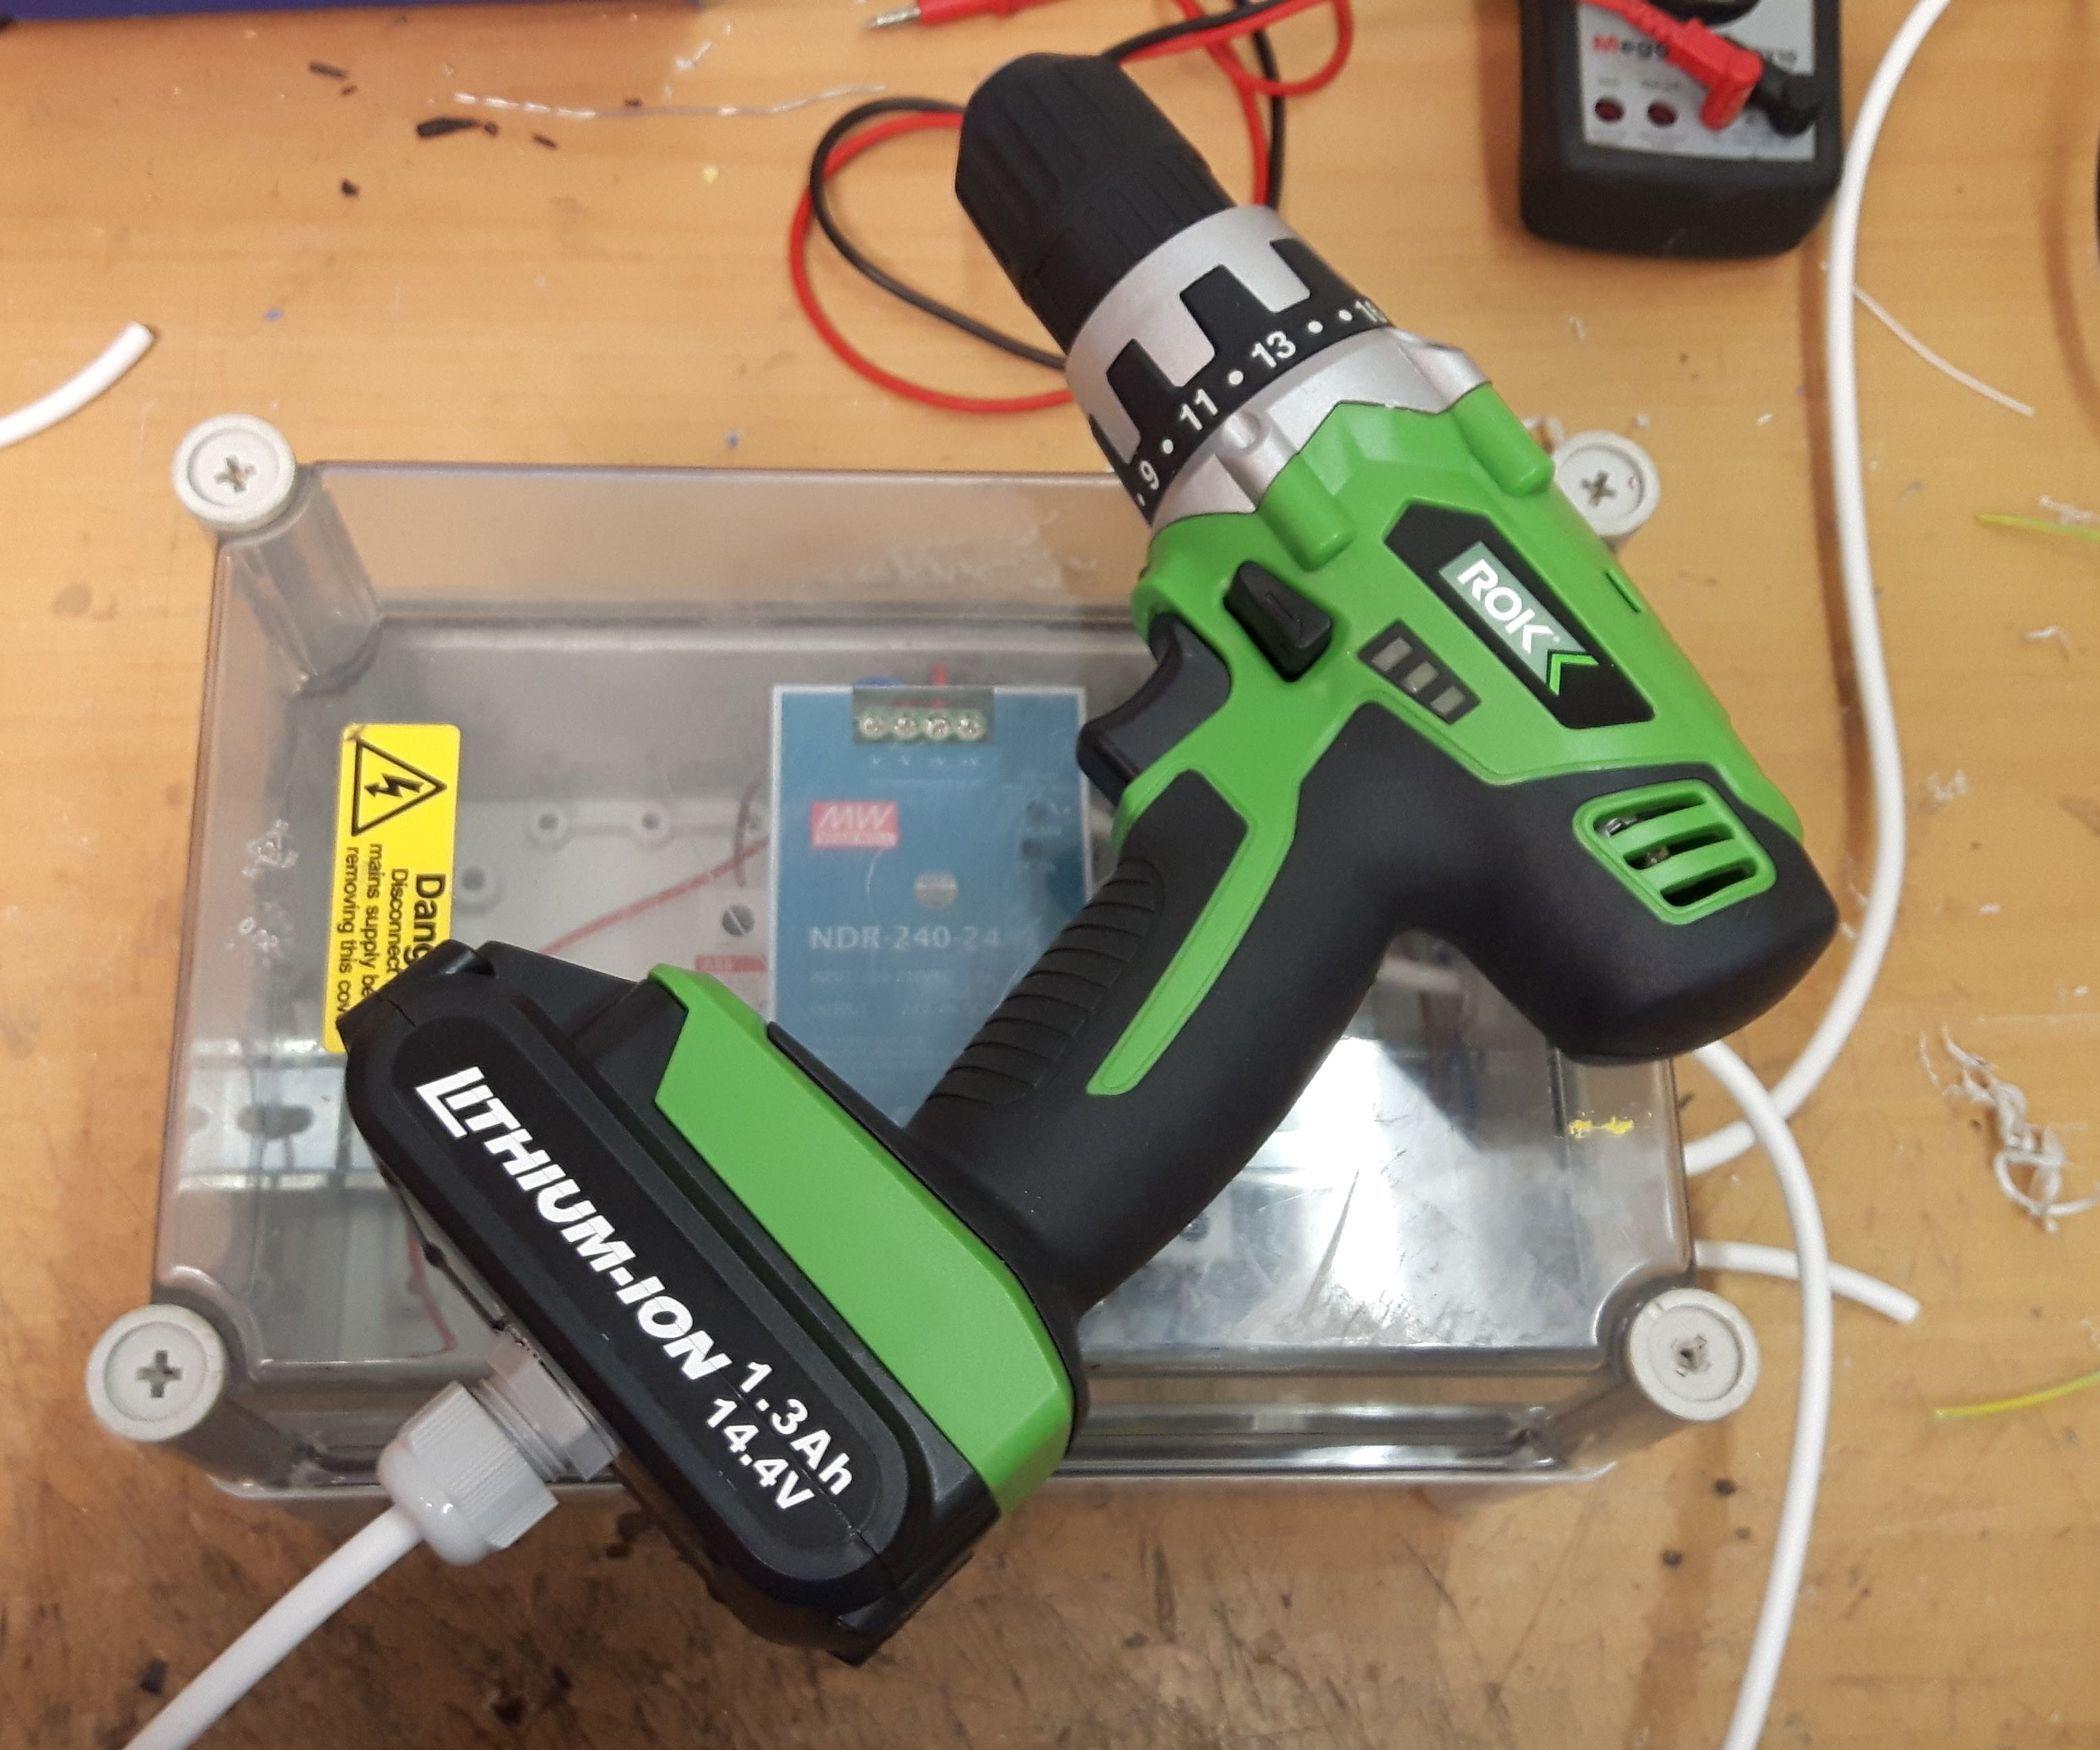 Cordless Corded Drill Cordless Drill Cordless Drill Batteries Drill